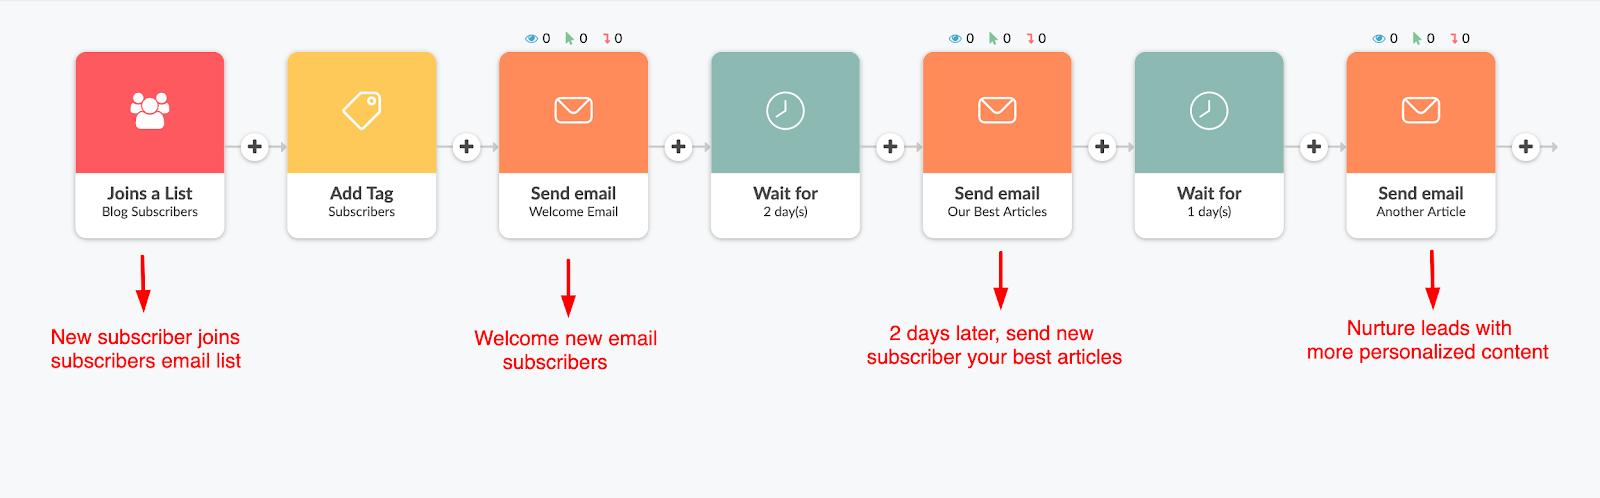 một mẫu thiết kế chiến dịch email chào mừng trong quy trình email của Automizy